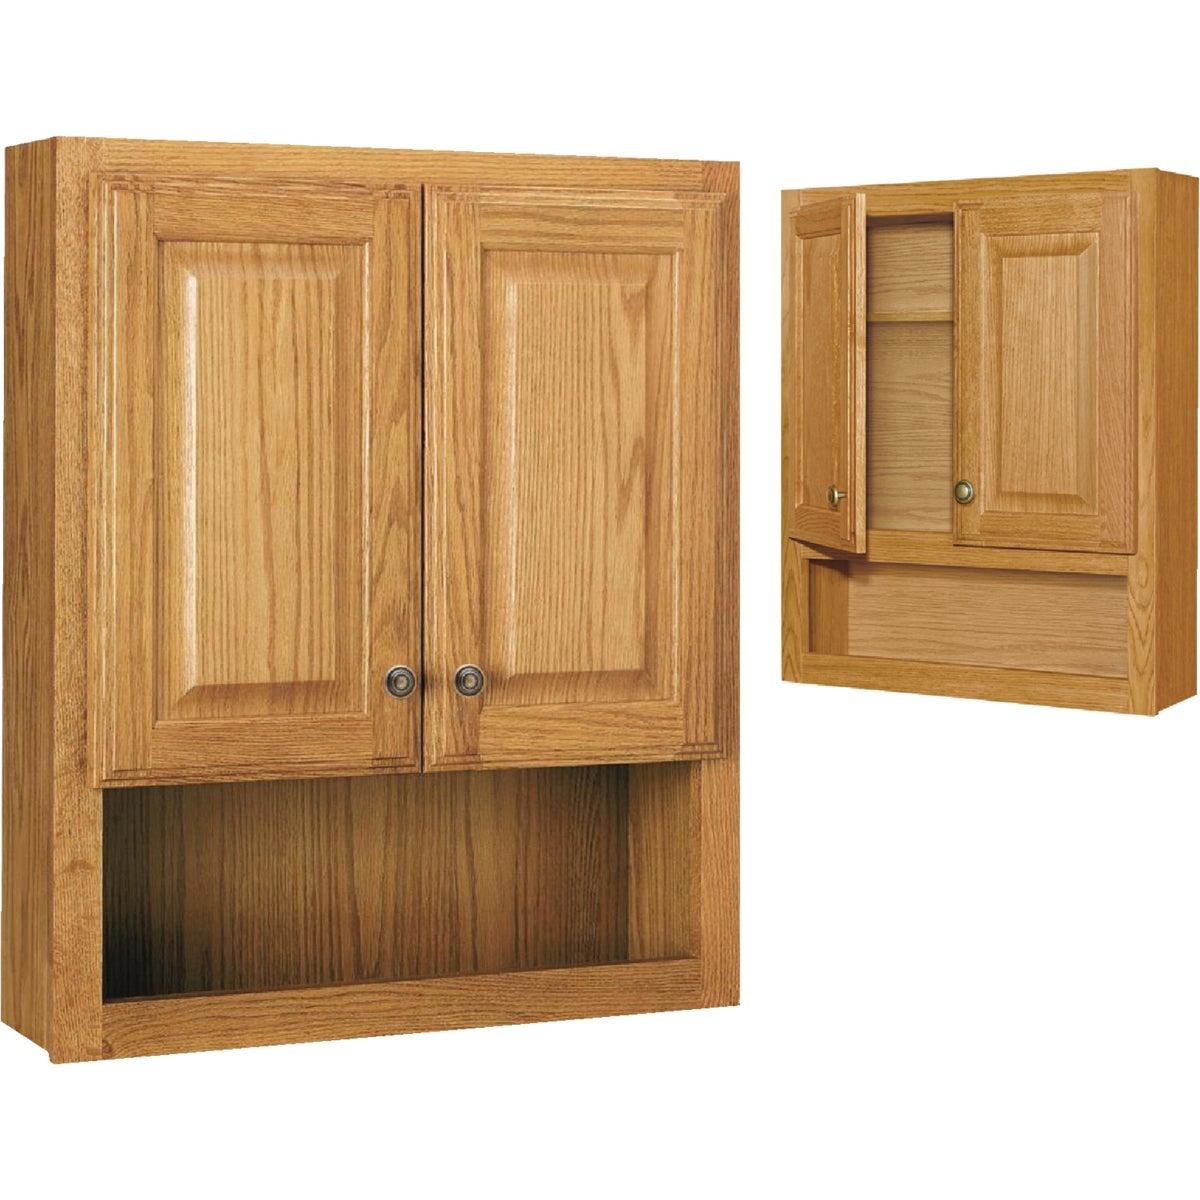 Oak Bath Cabinet